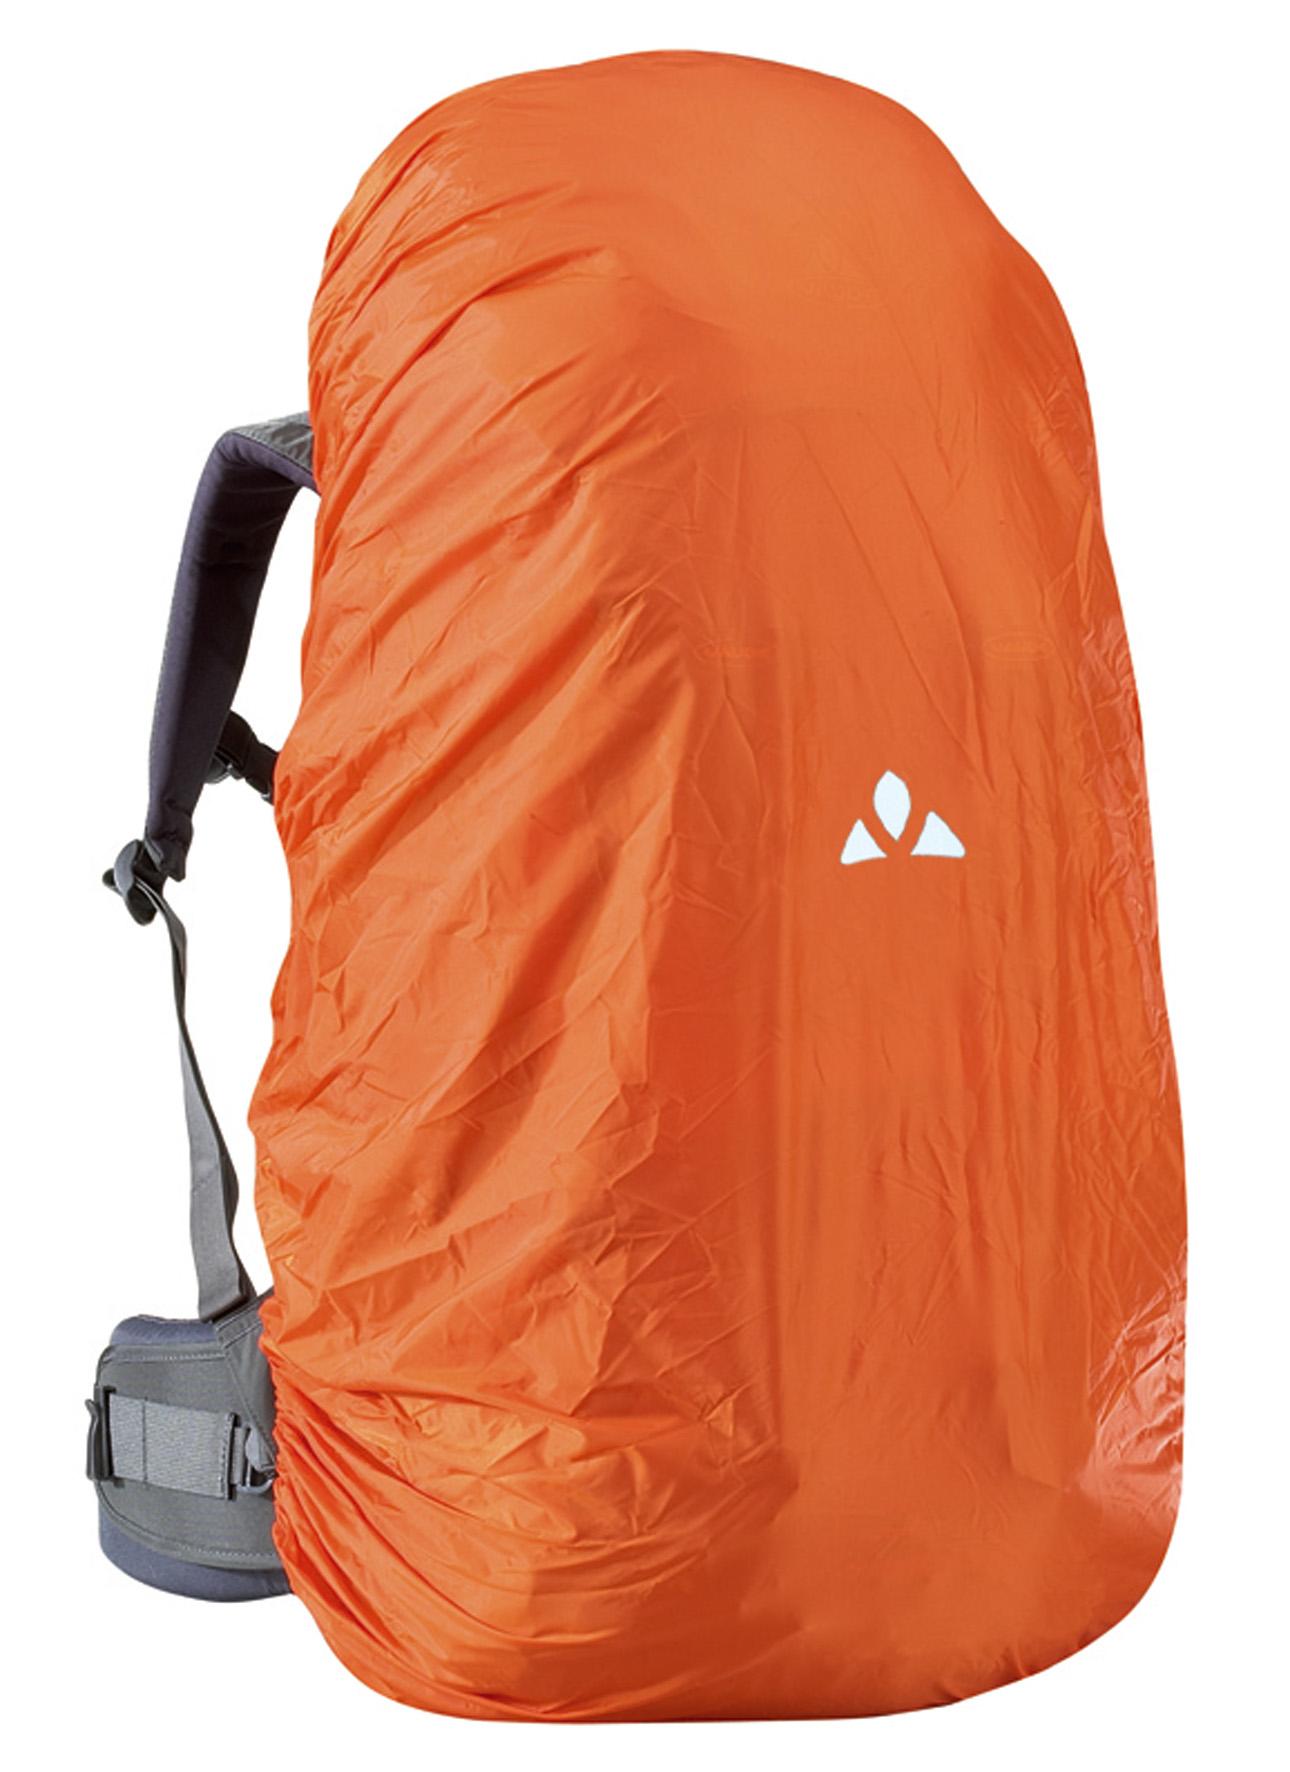 VAUDE Raincover for Backpacks 6-15 l orange Größe 070 - radschlag - Fahrradladen Ladengeschäft und Online Shop in Chemnitz - Fahrräder und Fahrradzubehör